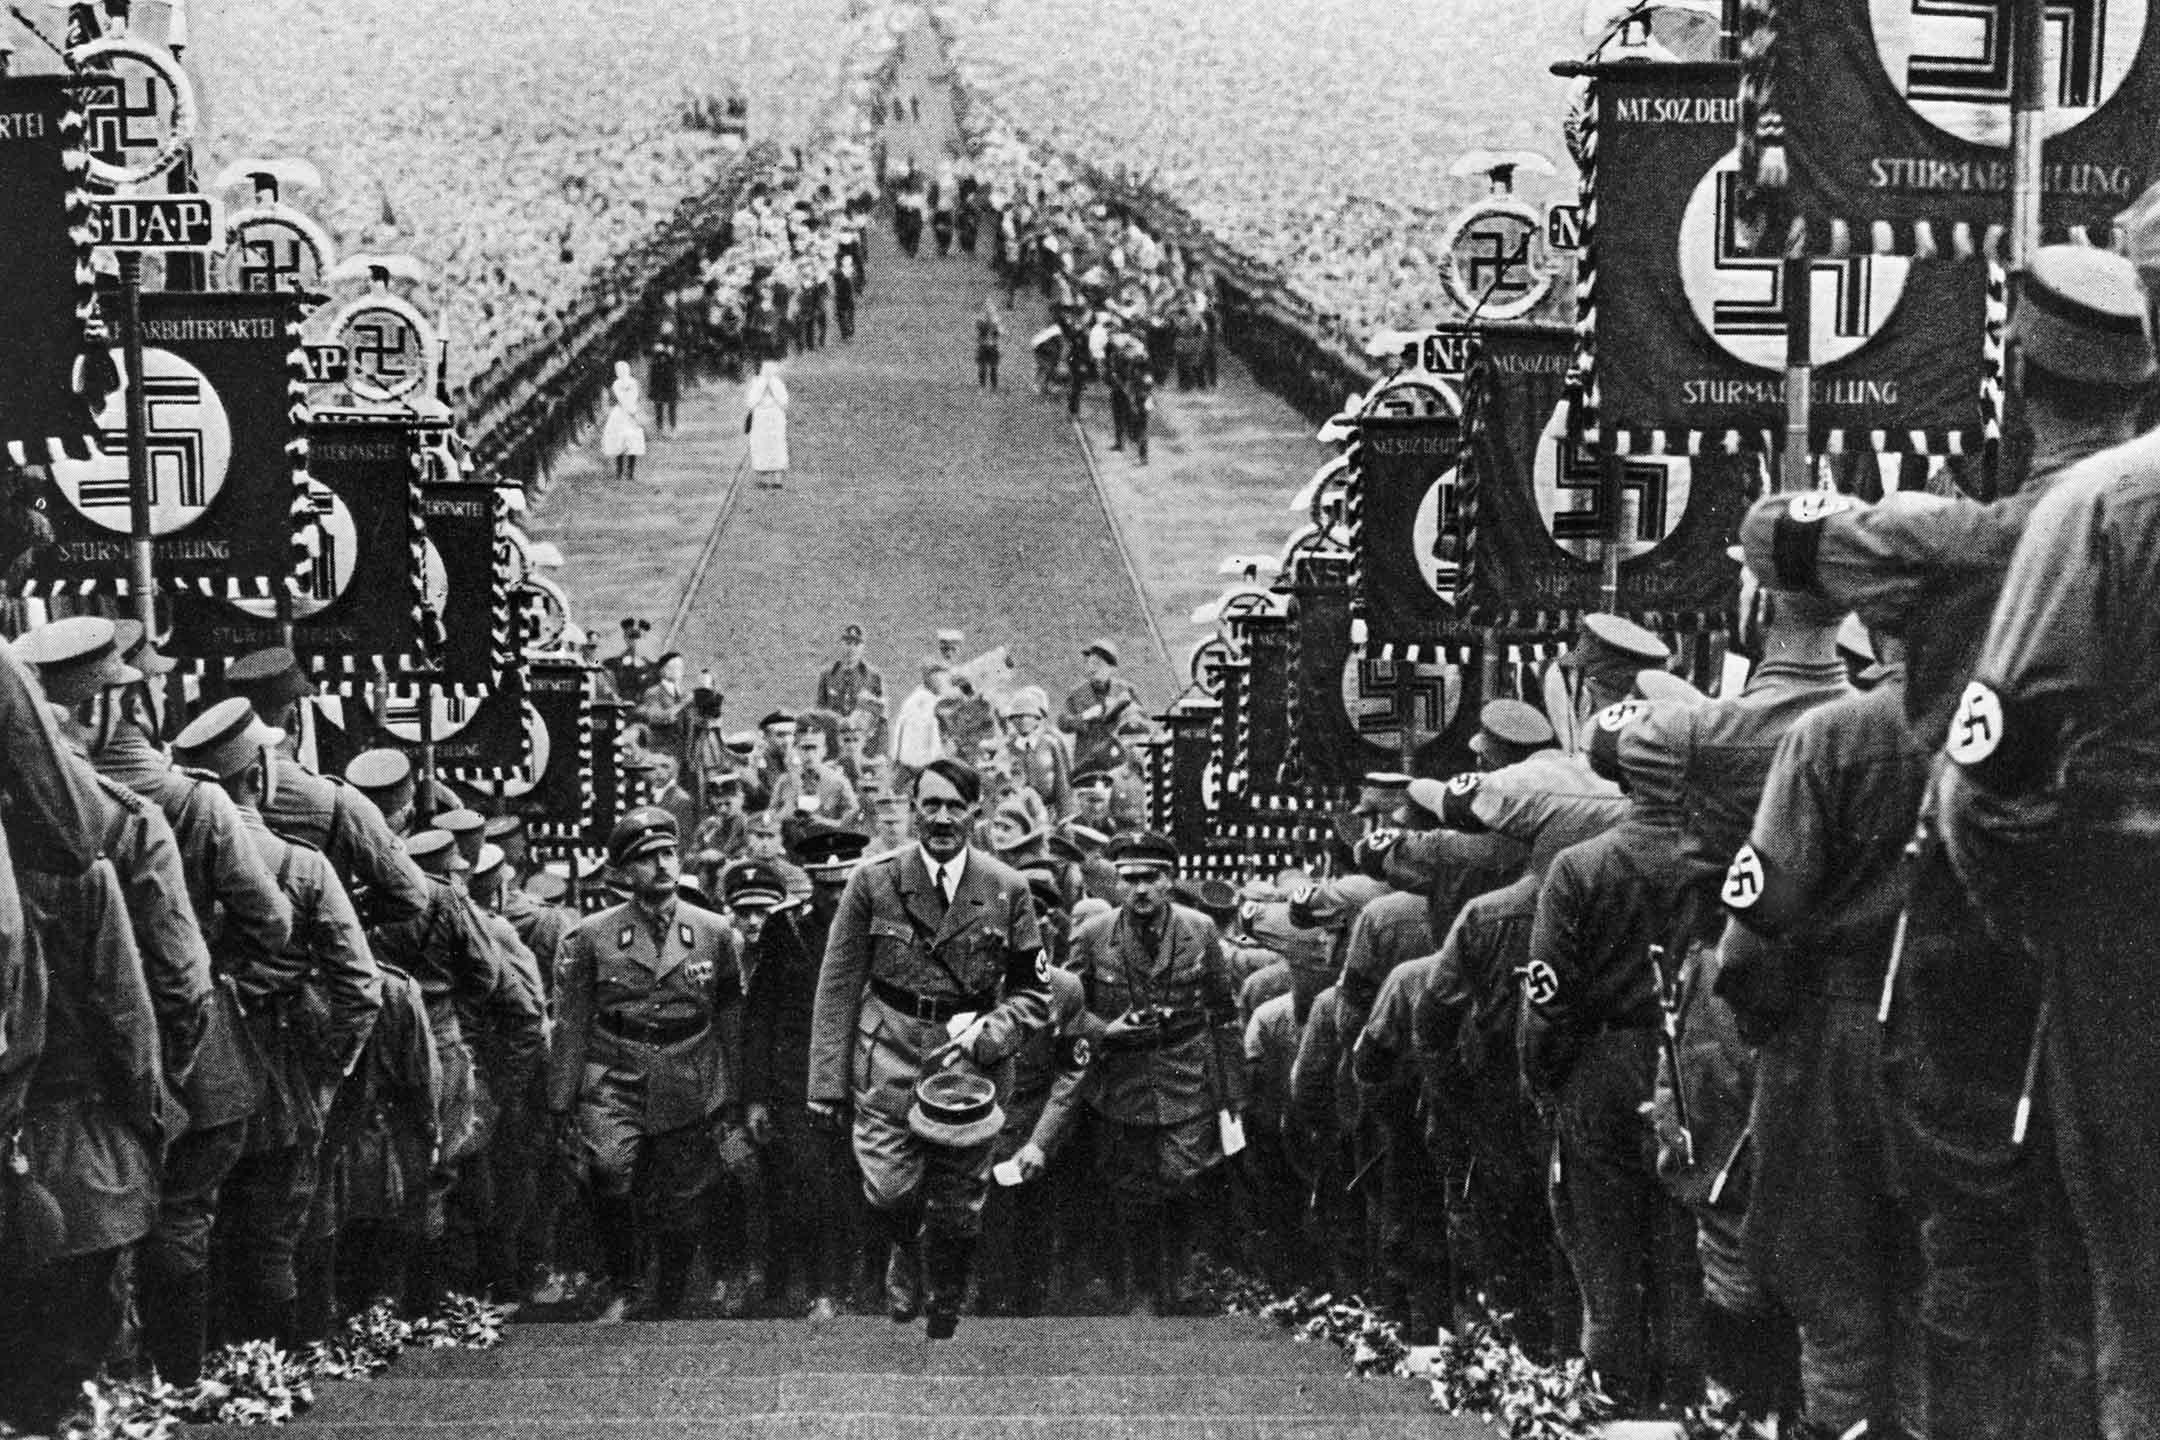 德國獨裁者希特勒登上台階,兩側是舉著旗幟展示著納粹萬字符的隊伍。